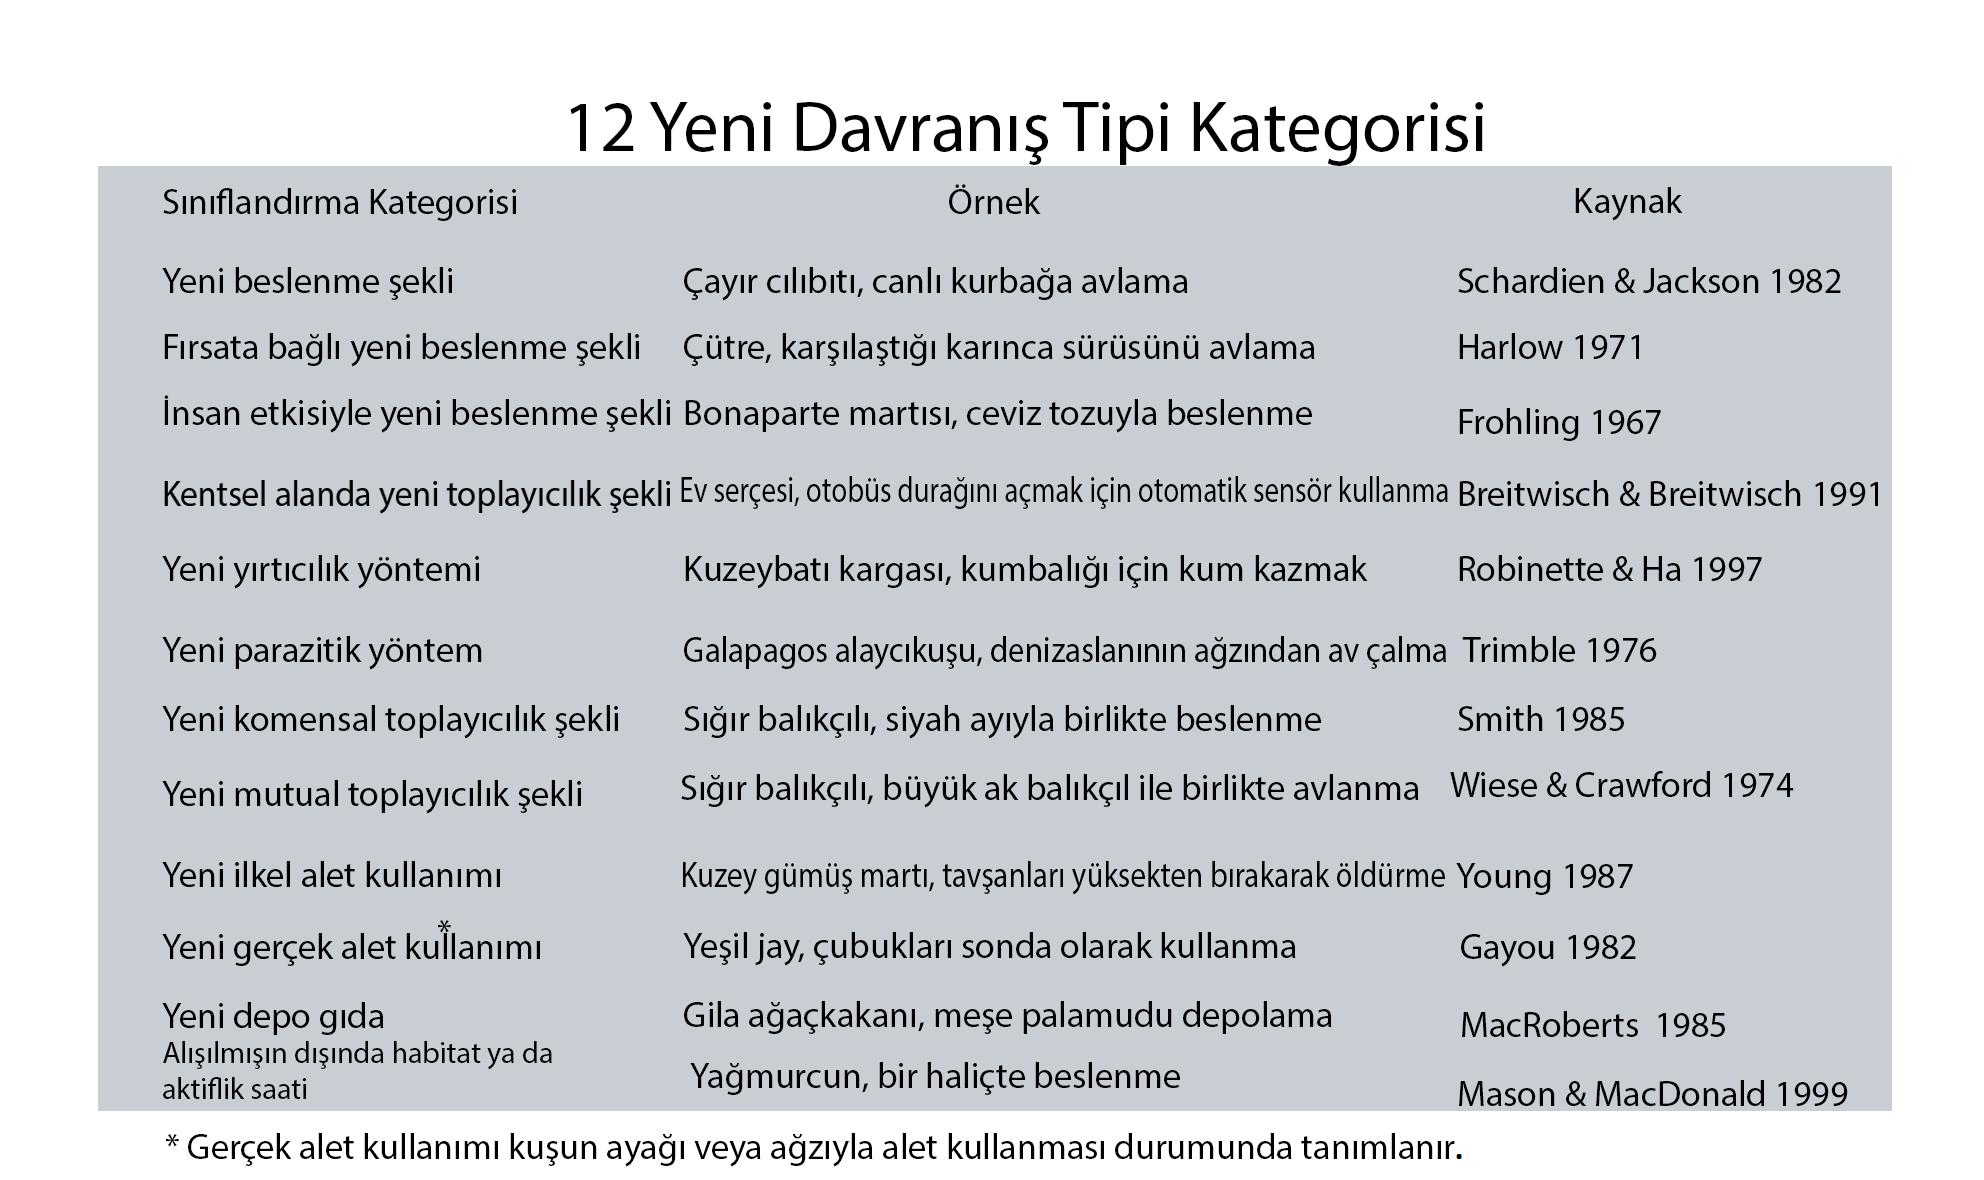 Bilim insanlarının yeni davranışları sınıflandırdığı 12 kategori ve örnekleri